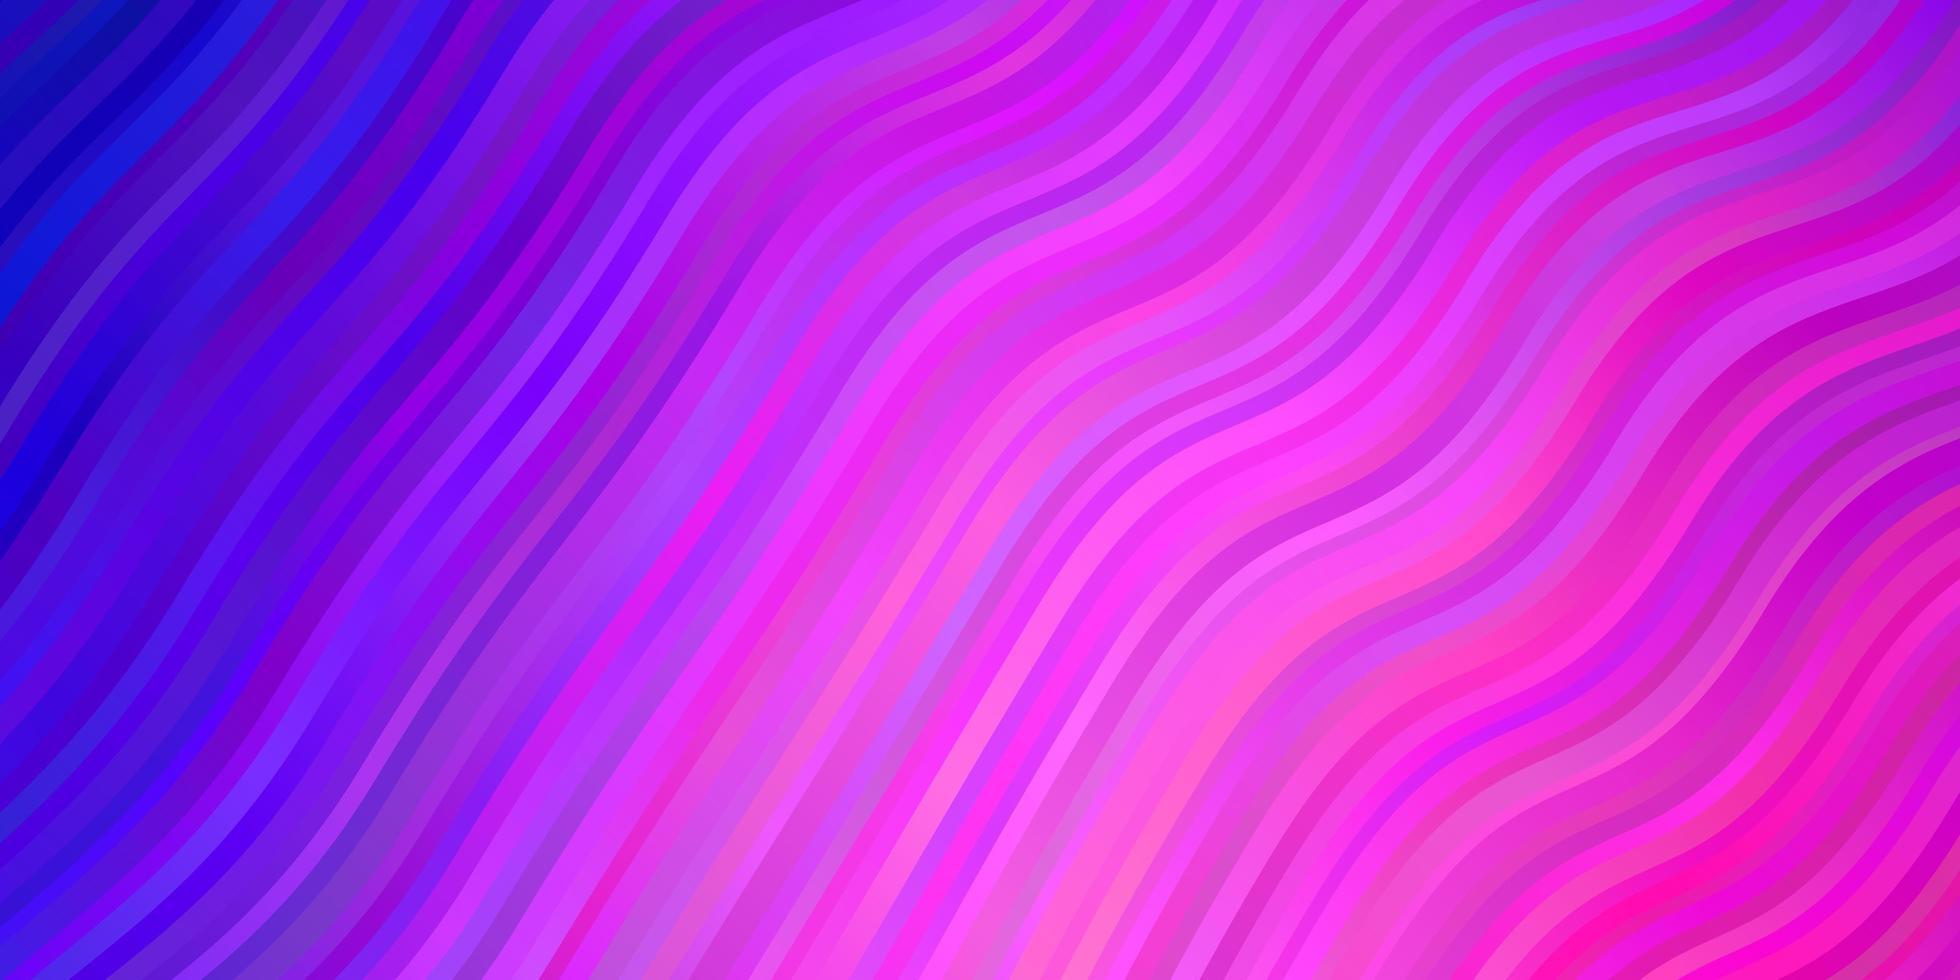 lichtpaarse, roze vectorlay-out met cirkelboog. vector